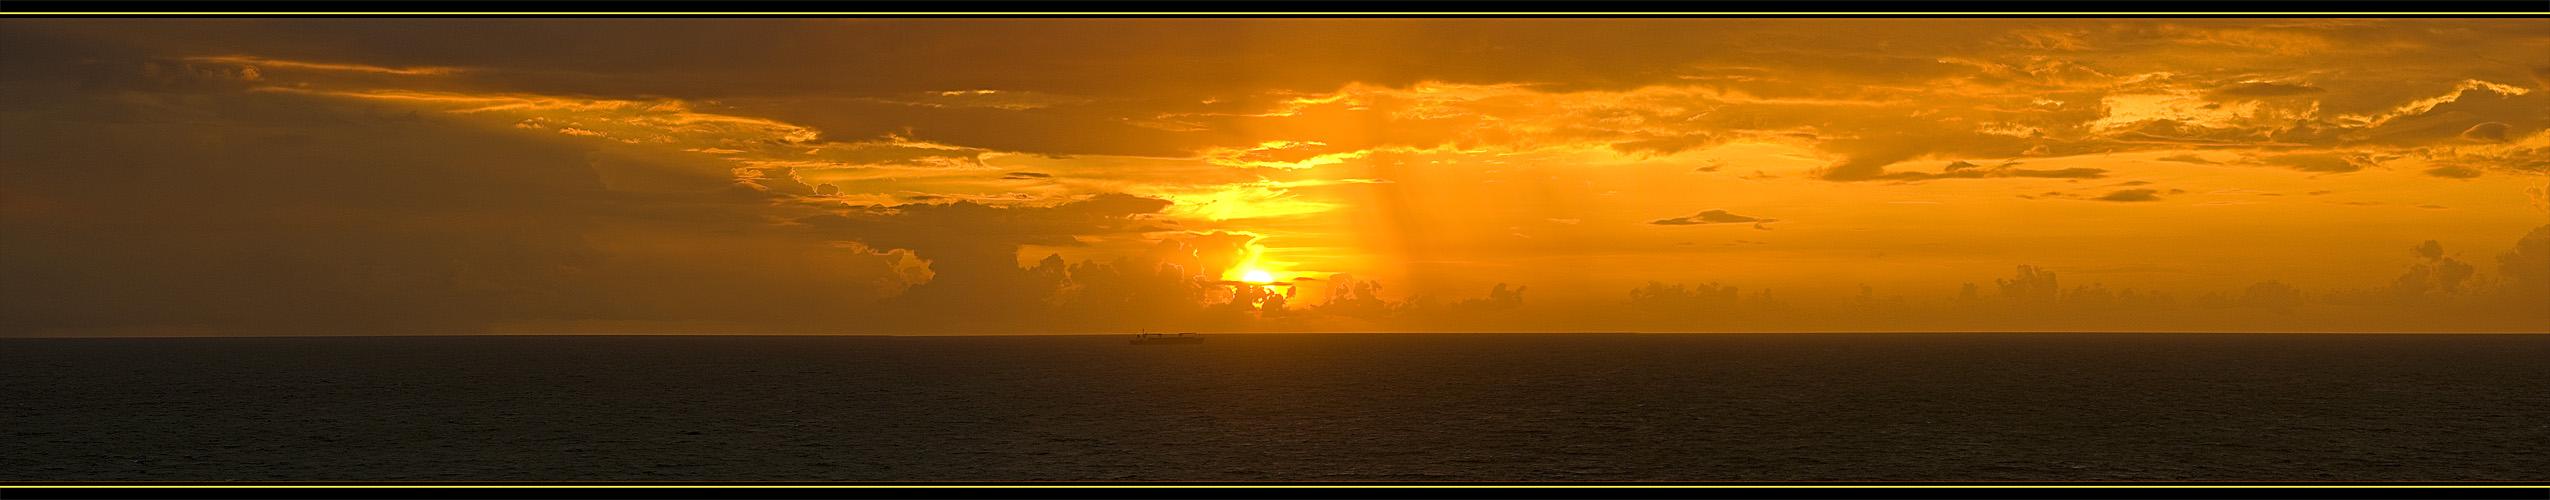 Sonnenaufgang in Miami Beach...